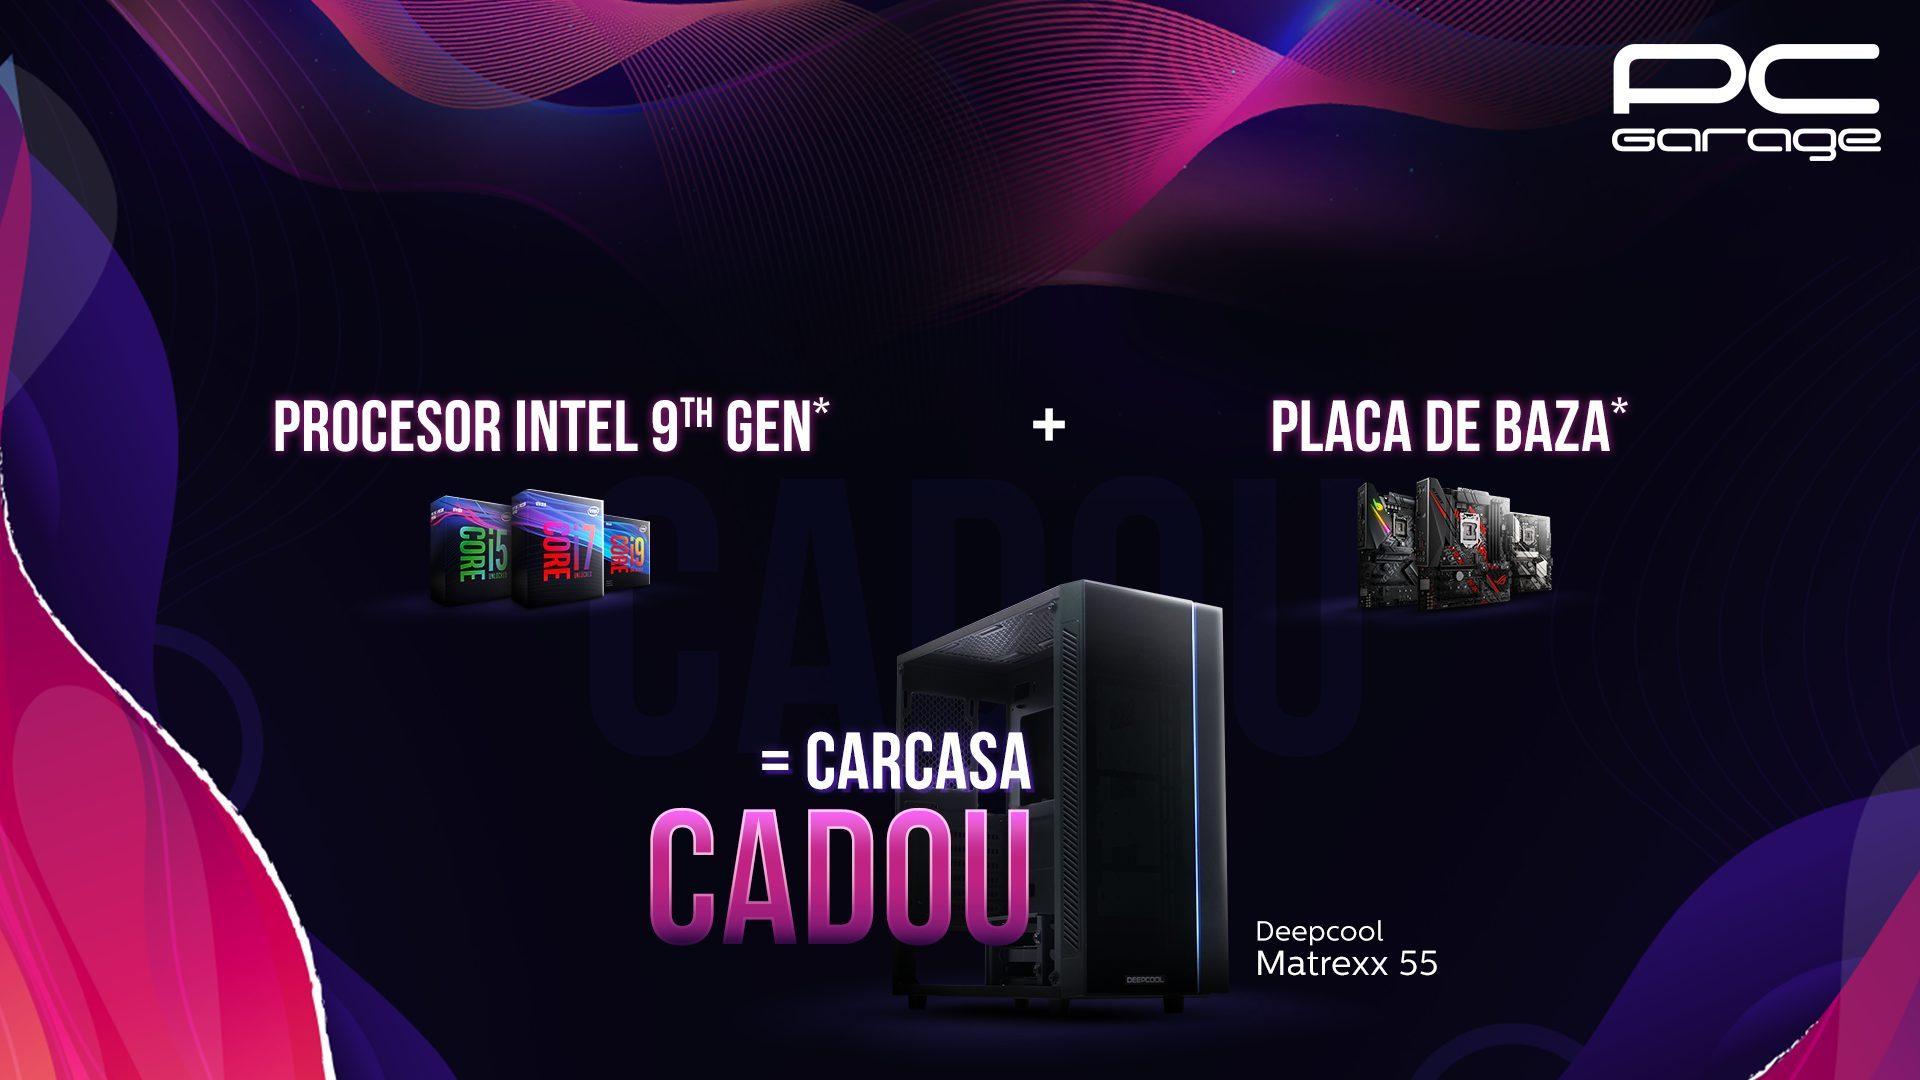 PC Garage anunță o nouă ediție